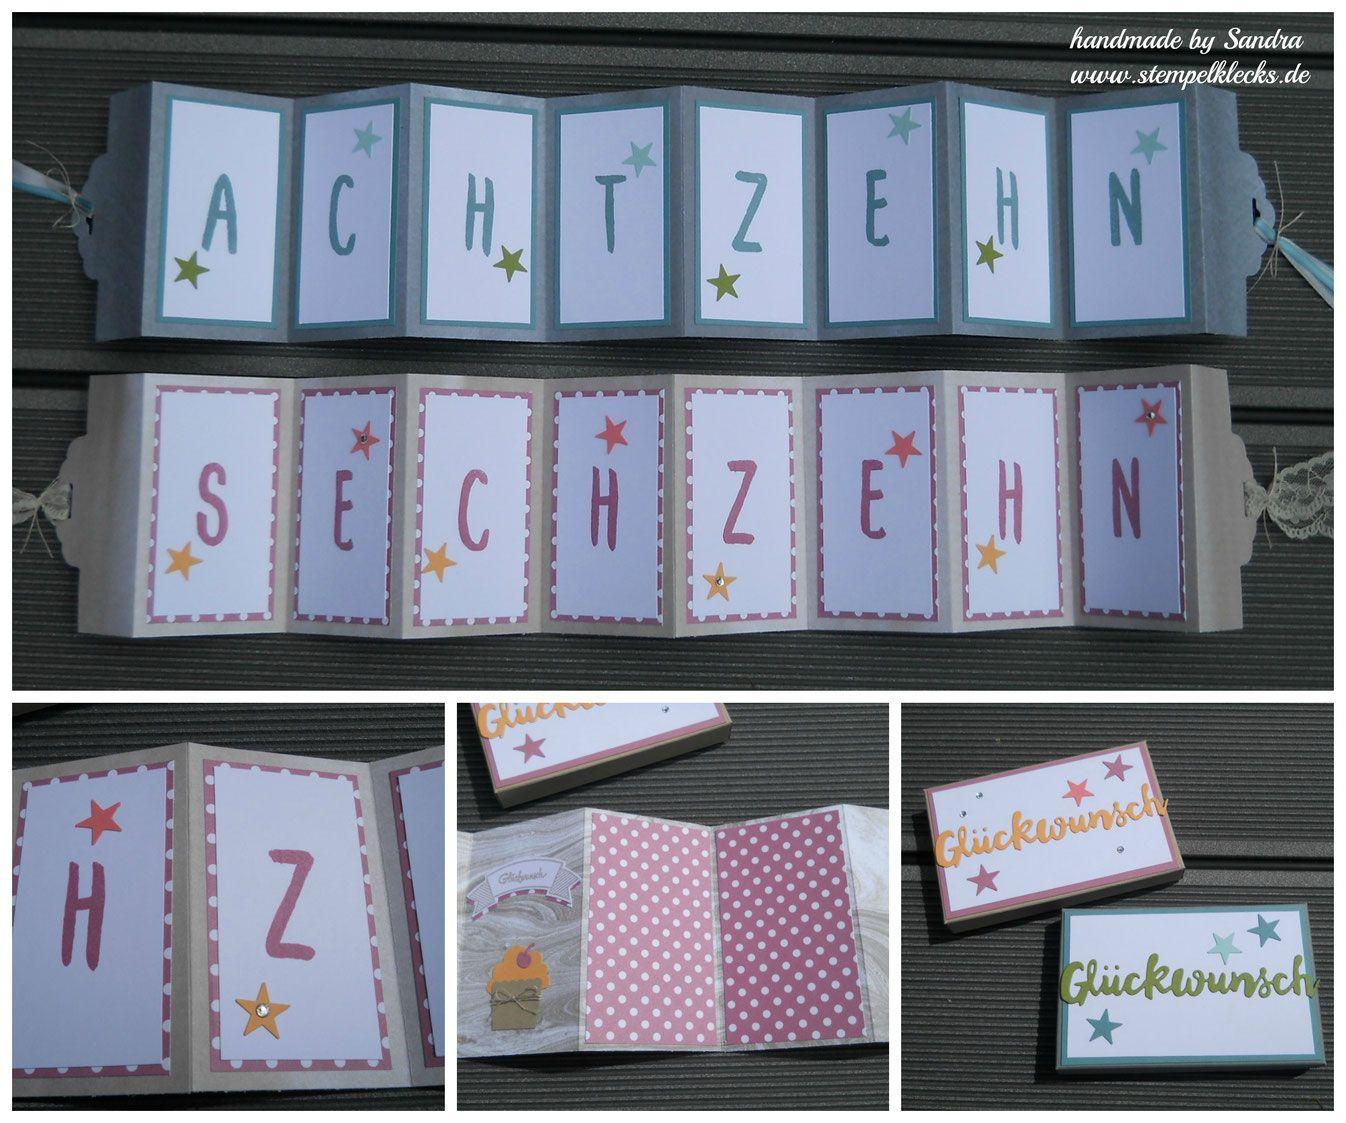 Einladungskarten 18 Geburtstag Selber Machen Karten: Pin Von Stempeltine Auf Zahlengeburtstage